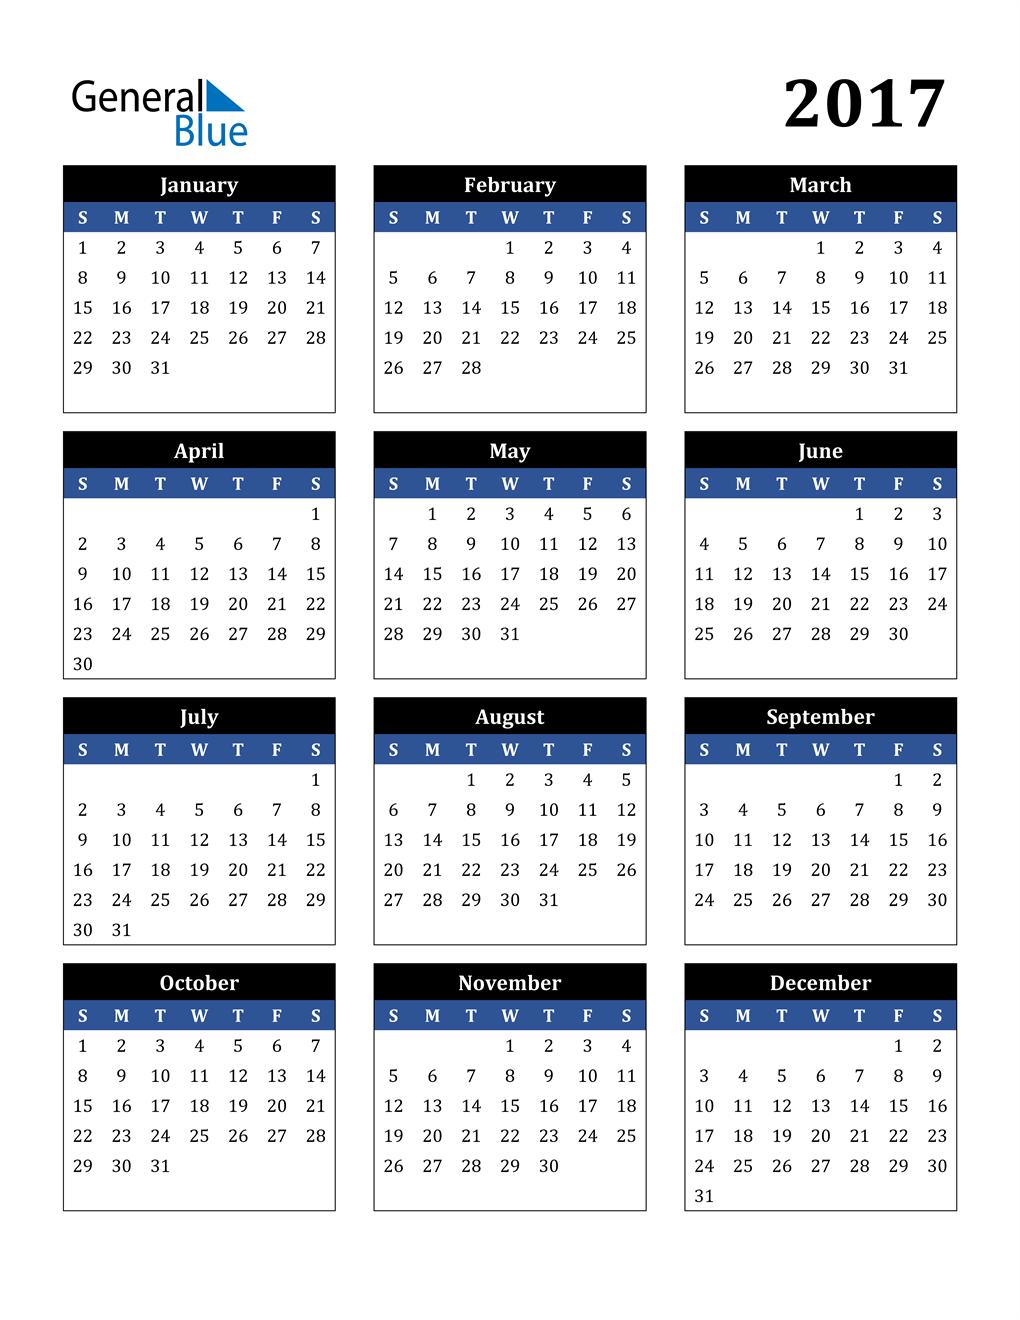 Word Template Calendar 2017 from cdn.generalblue.com